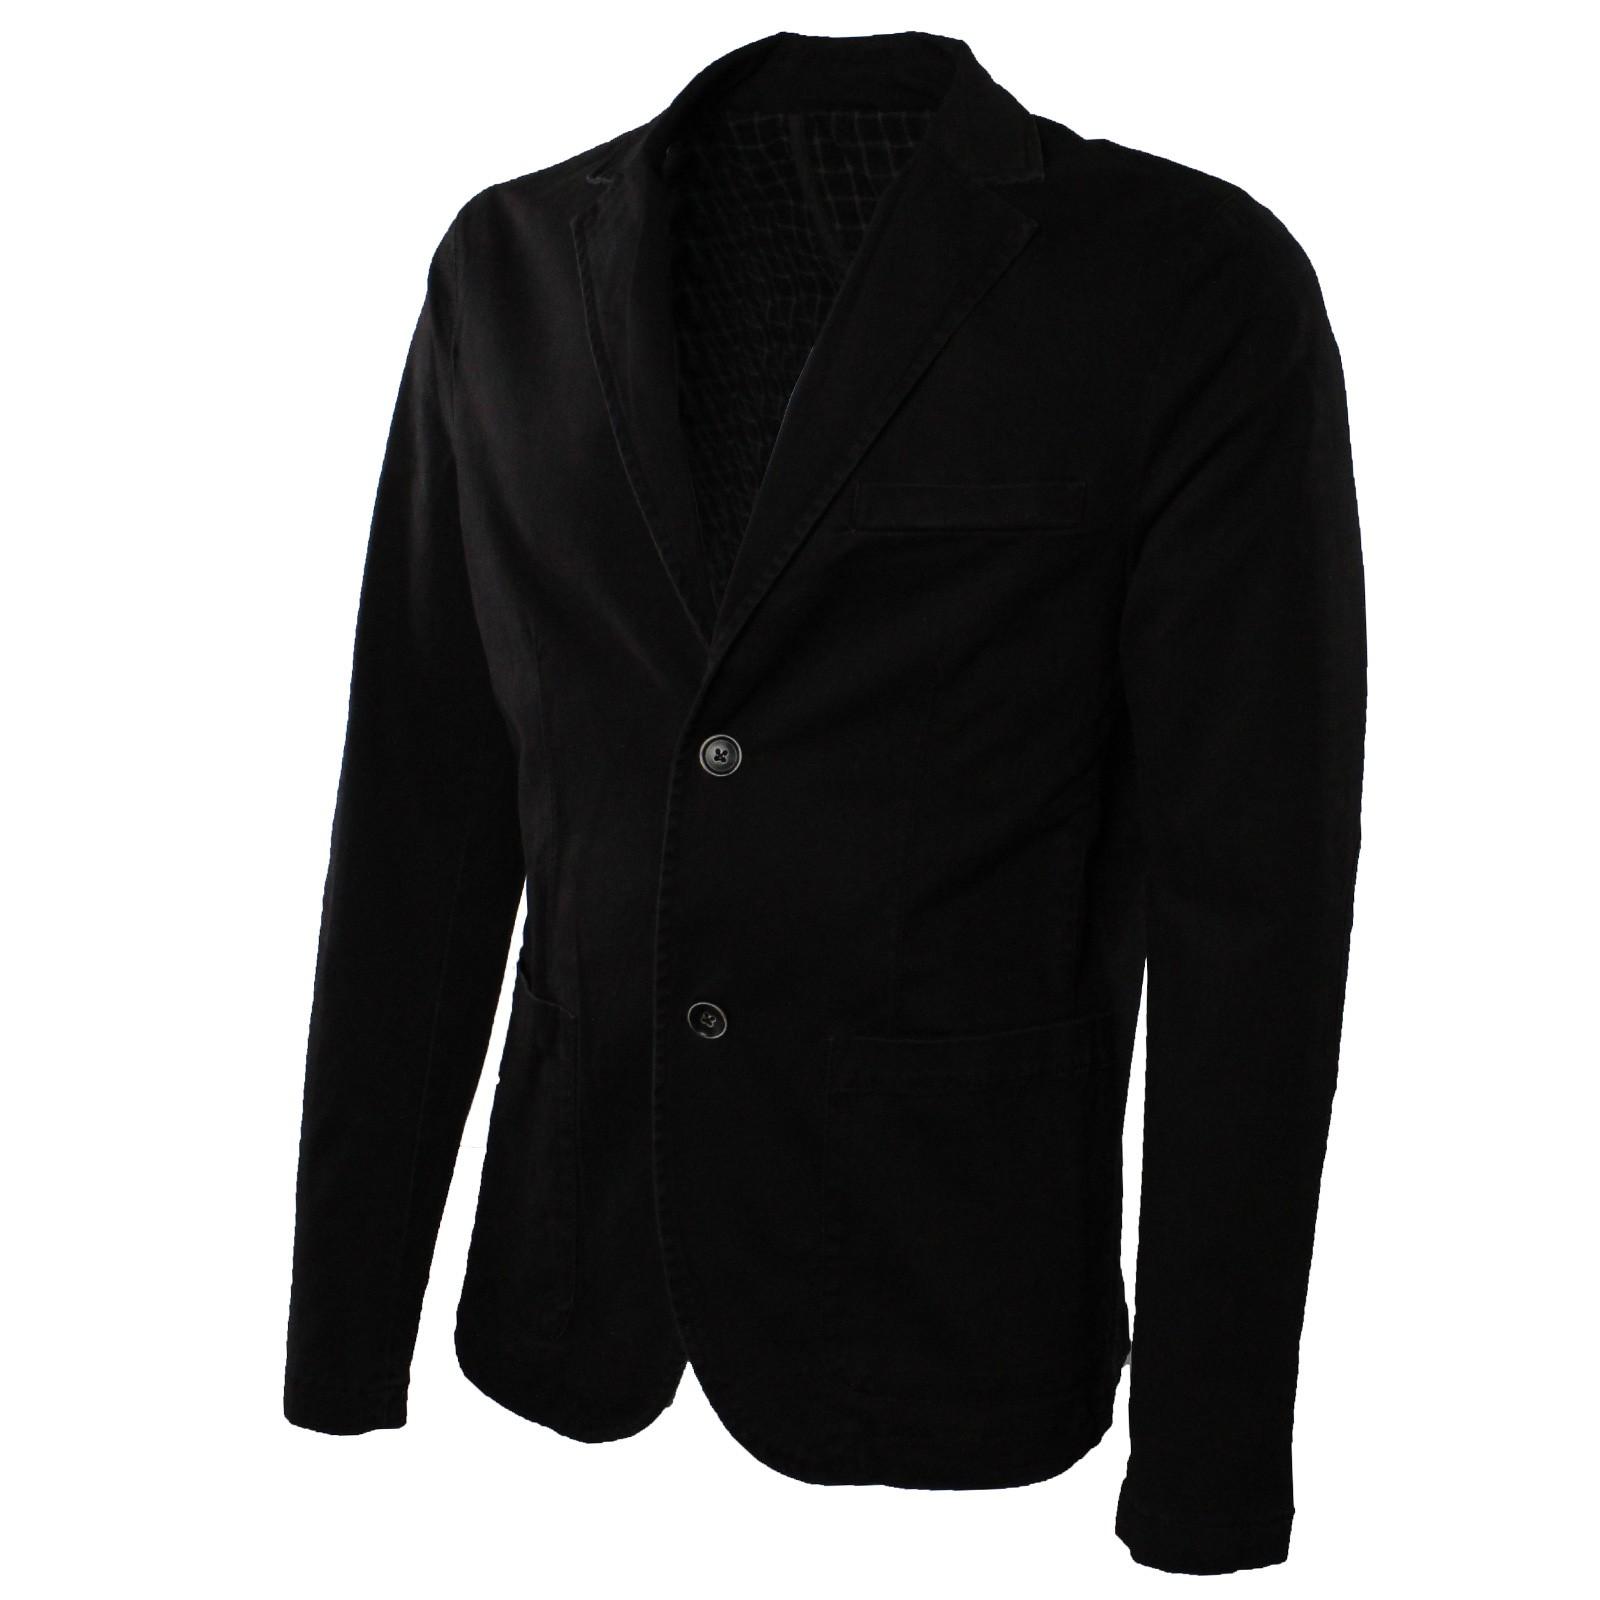 Giacca-Uomo-Elegante-Estiva-Slim-Fit-Blazer-in-Cotone-con-Toppe-Grigio-Sportiva miniatura 8